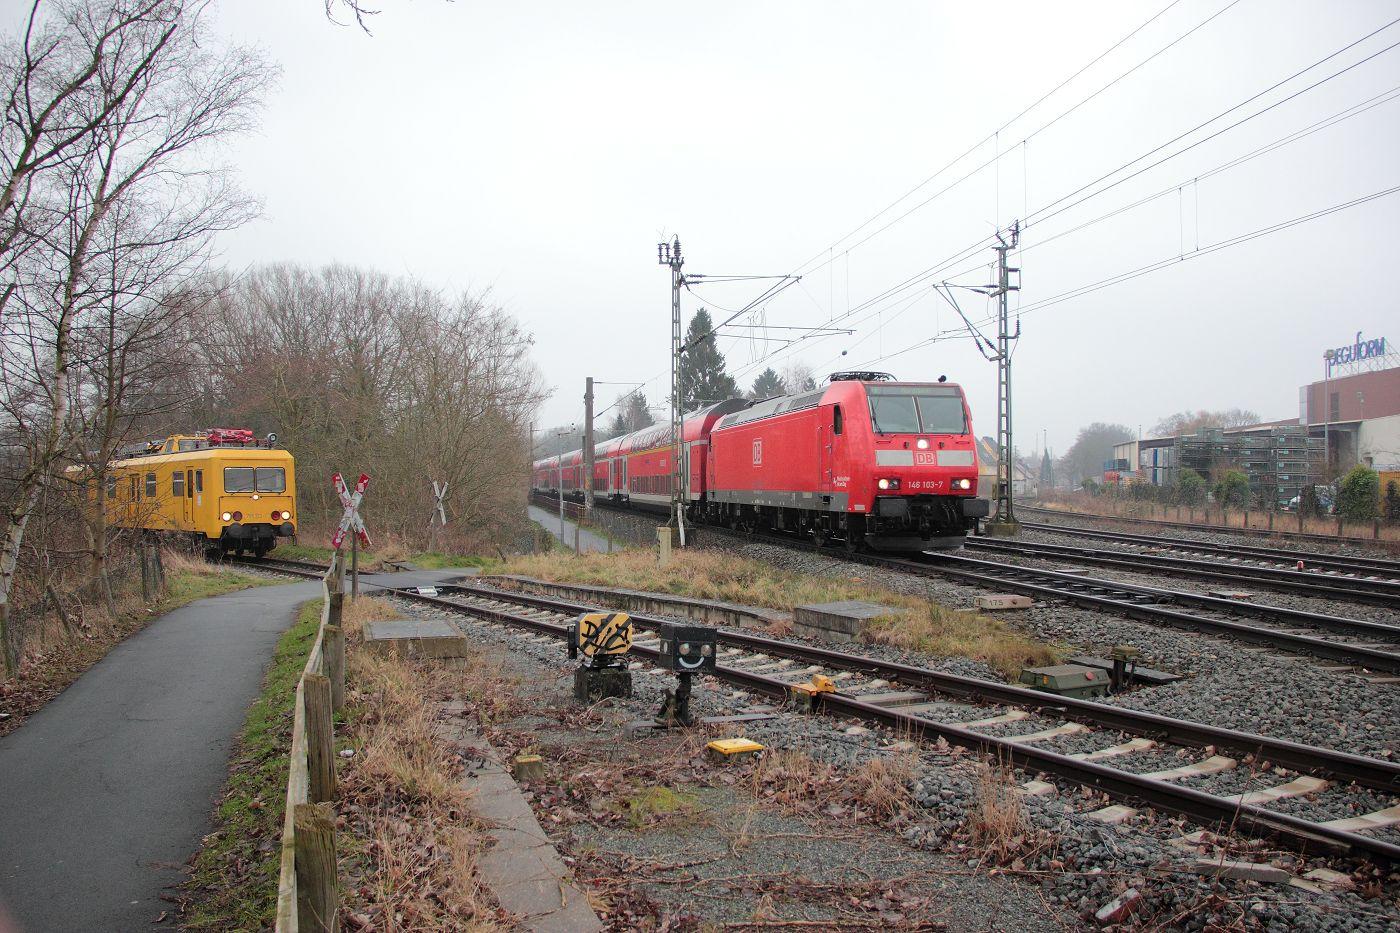 http://www.nachtbahner.de/Fotos/2014-02-11%20225er%20rund%20um%20Oldenburg/k-IMG_0954%20225er%20rund%20um%20Oldenburg%2011.02.14%20(2).JPG